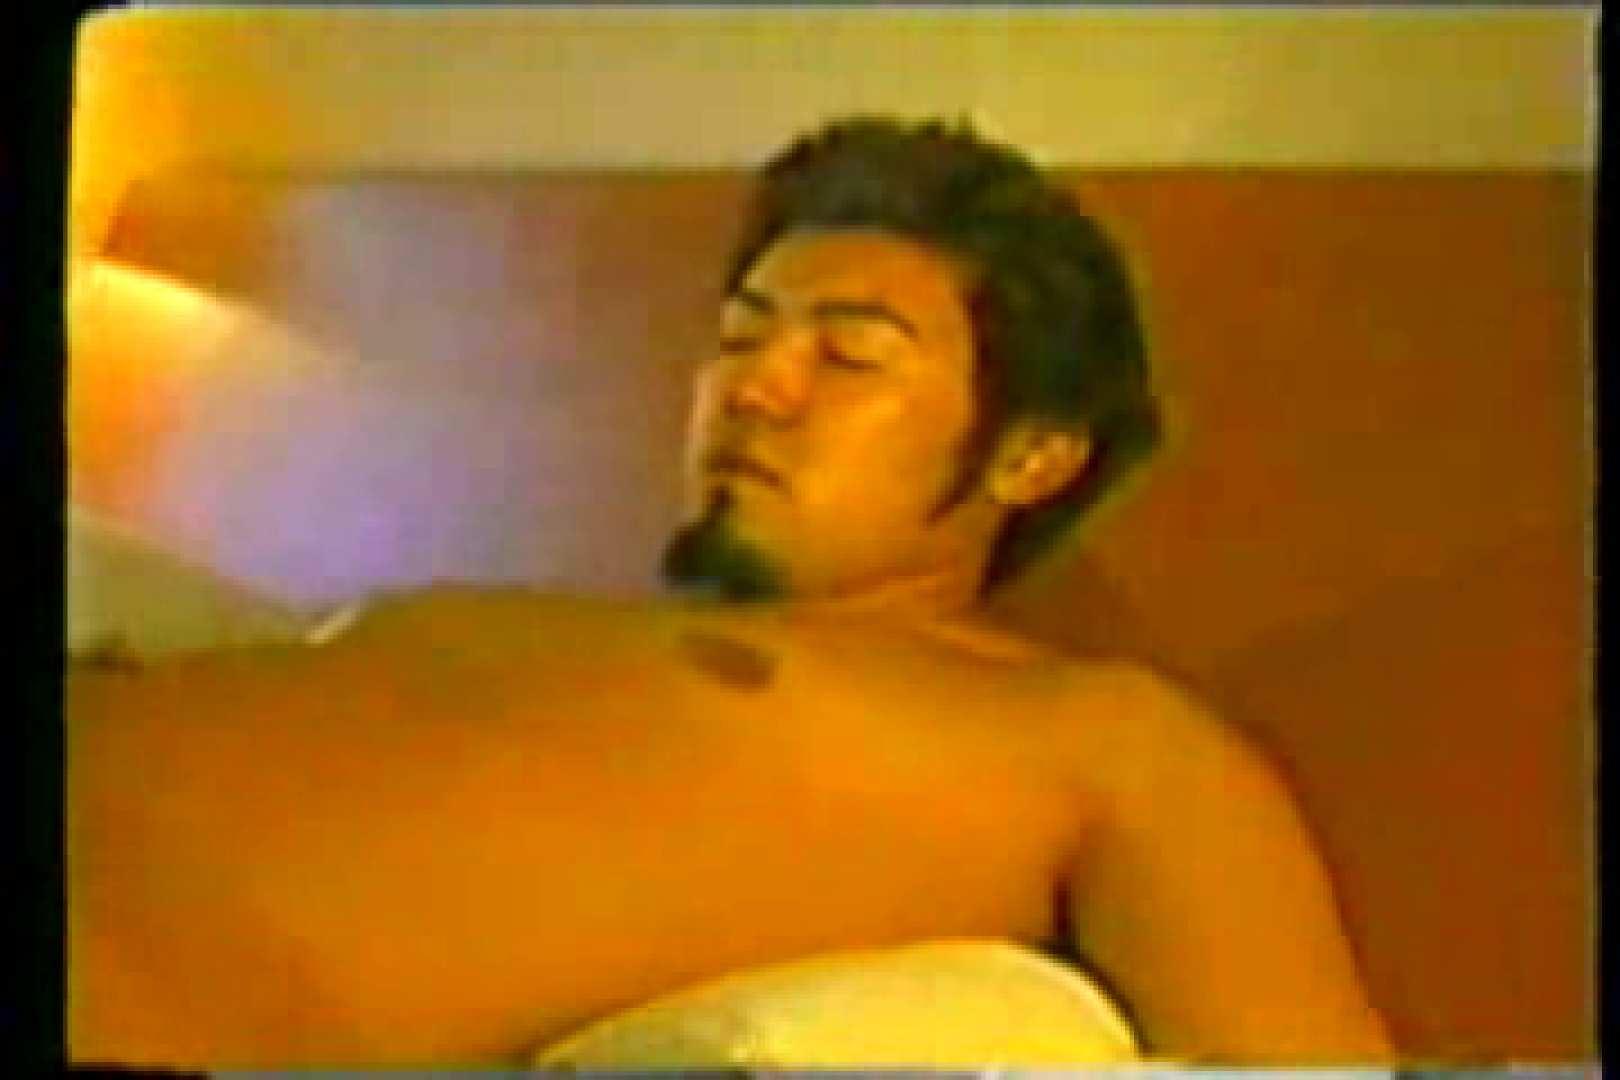 『ノンケ・スポーツマンシップとは・・・! ! 』 第9戦 ノンケパラダイス | ゲイの裸 ゲイアダルト画像 8連発 5